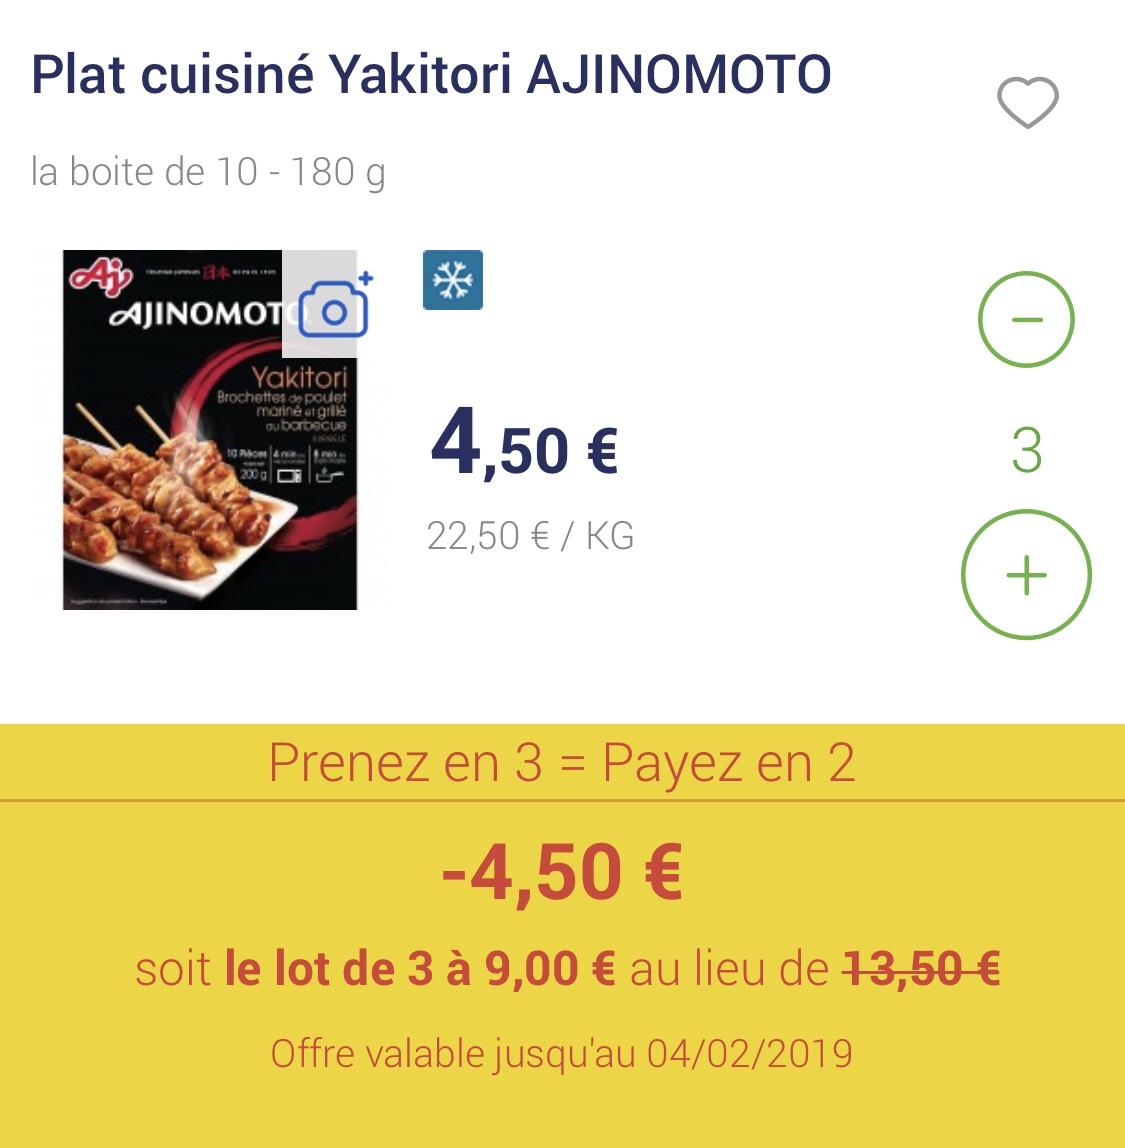 3 Boites de Brochettes Yakitori Ajinomoto (via ODR de 2.25€) - Carrefour Drive Thionville (57)